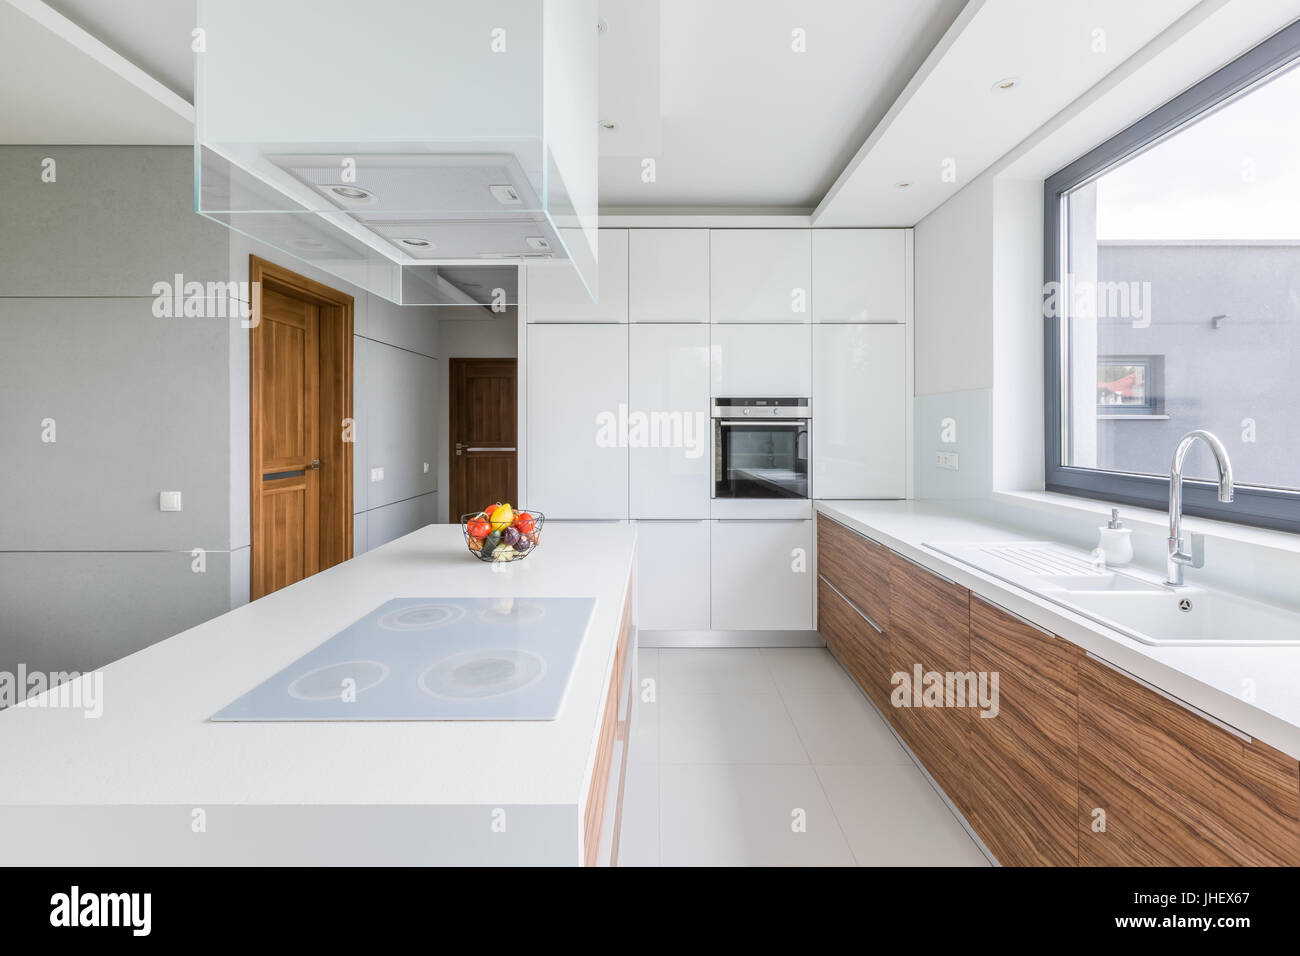 Weiße Küche mit Insel, lange Arbeitsplatte und hölzerne Schränke ...